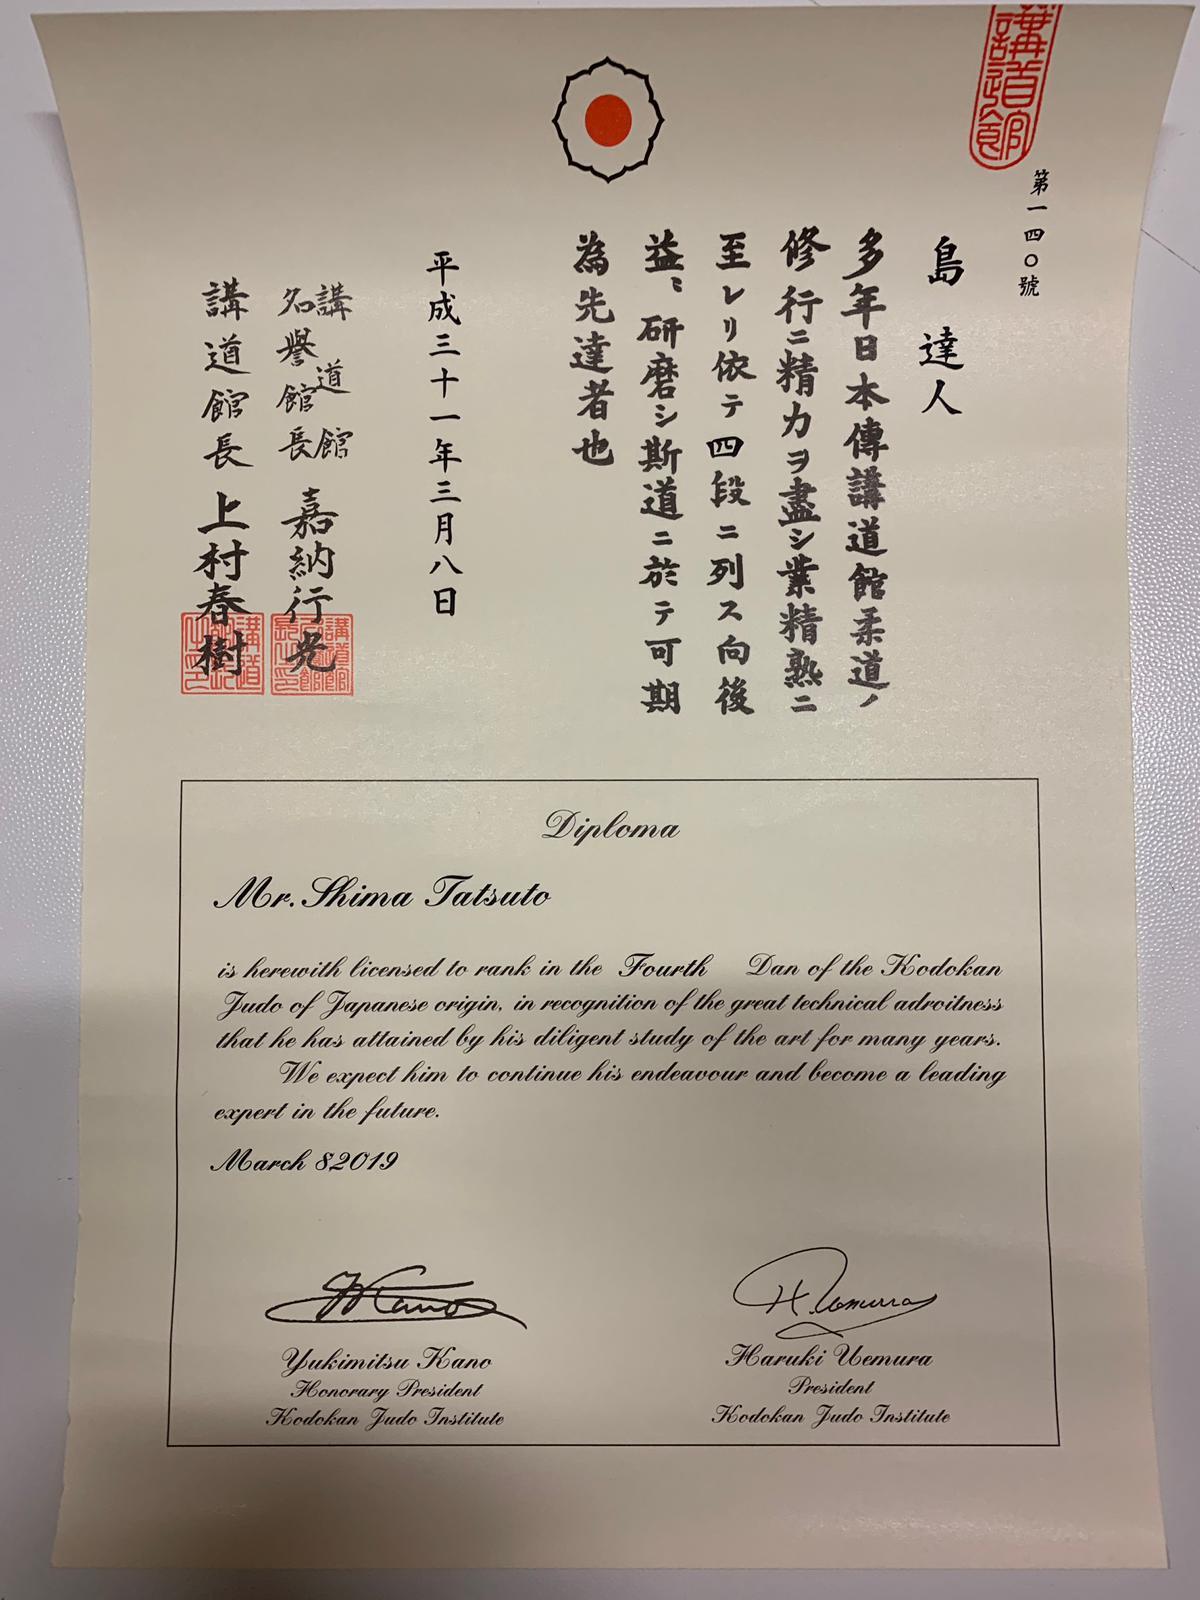 Shima Sensei reçoit le 4ème Dan du Kodokan – une reconnaissance méritée!